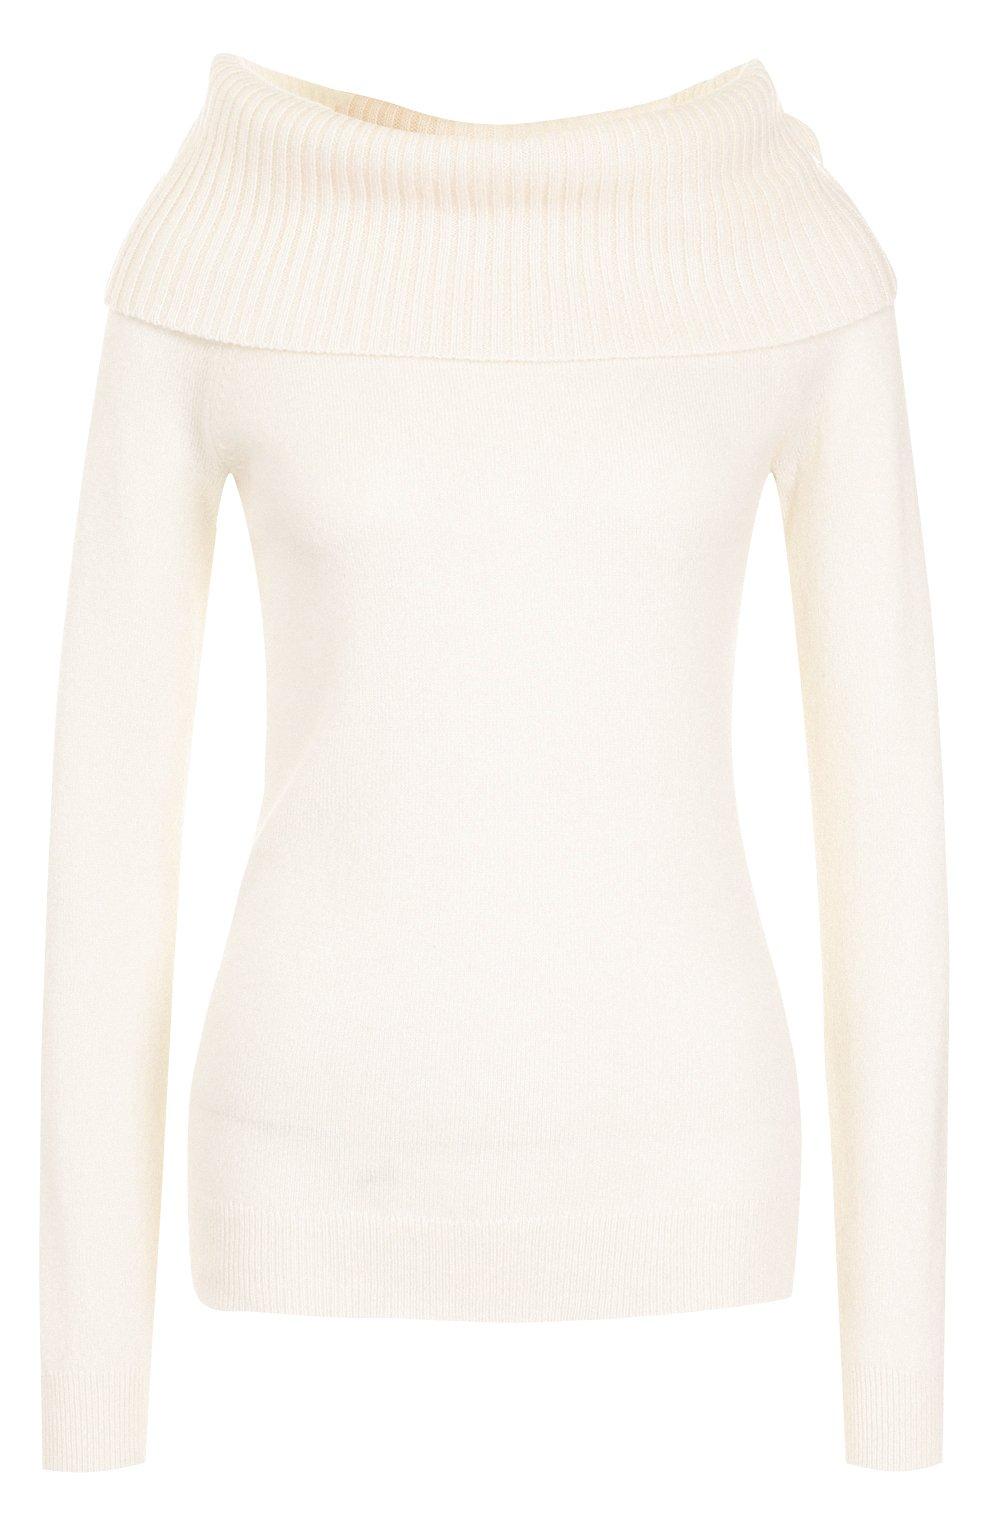 feaeaa96c5e4 женский свитер покрой облегающий воротник ложный - Цена В Рублях